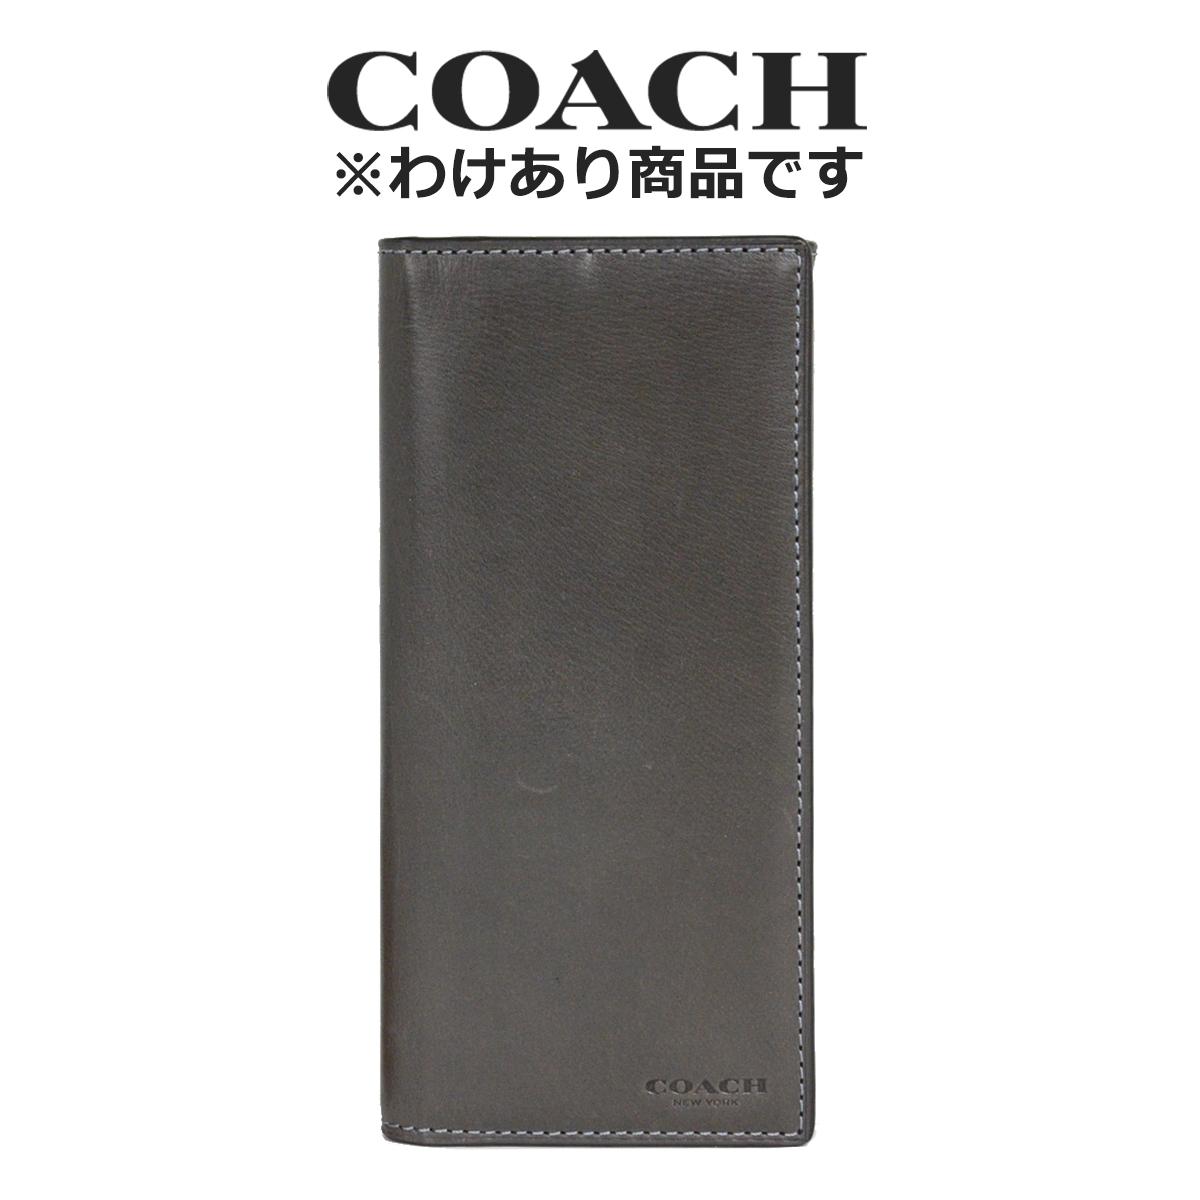 コーチ COACH メンズ 財布 二つ折り長財布 55249 GPH(グラファイト)【FKS】